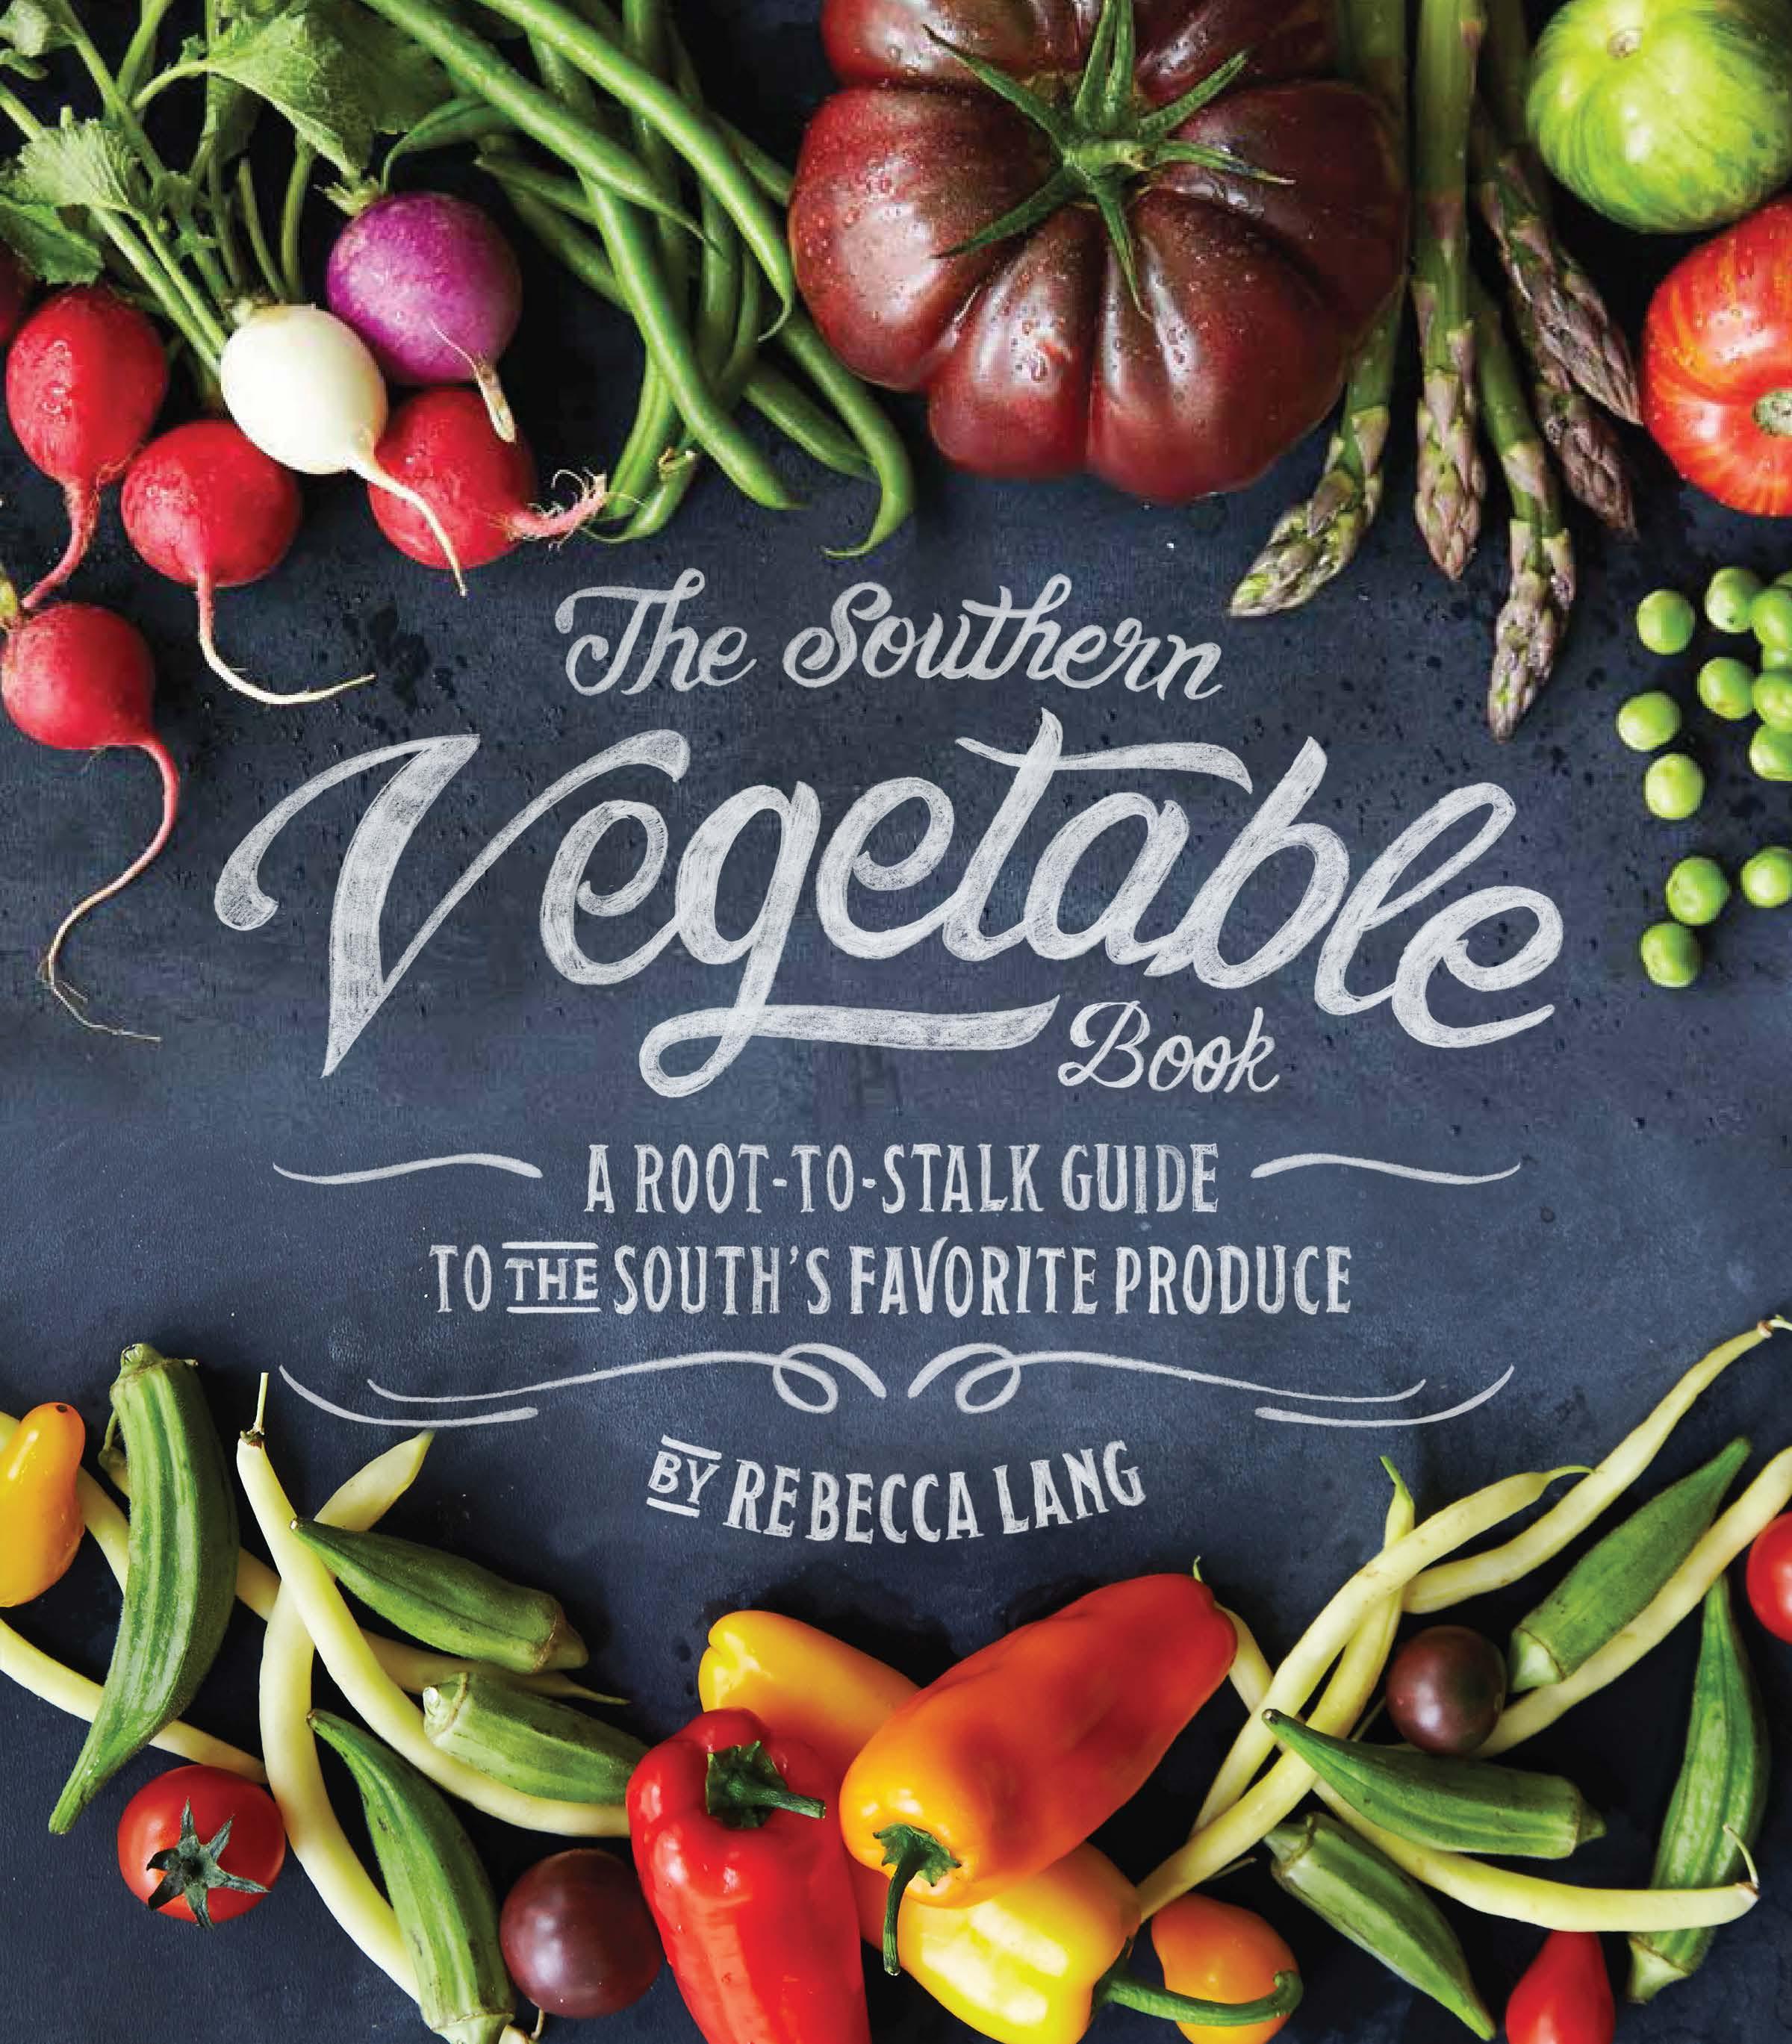 Book veg recipe